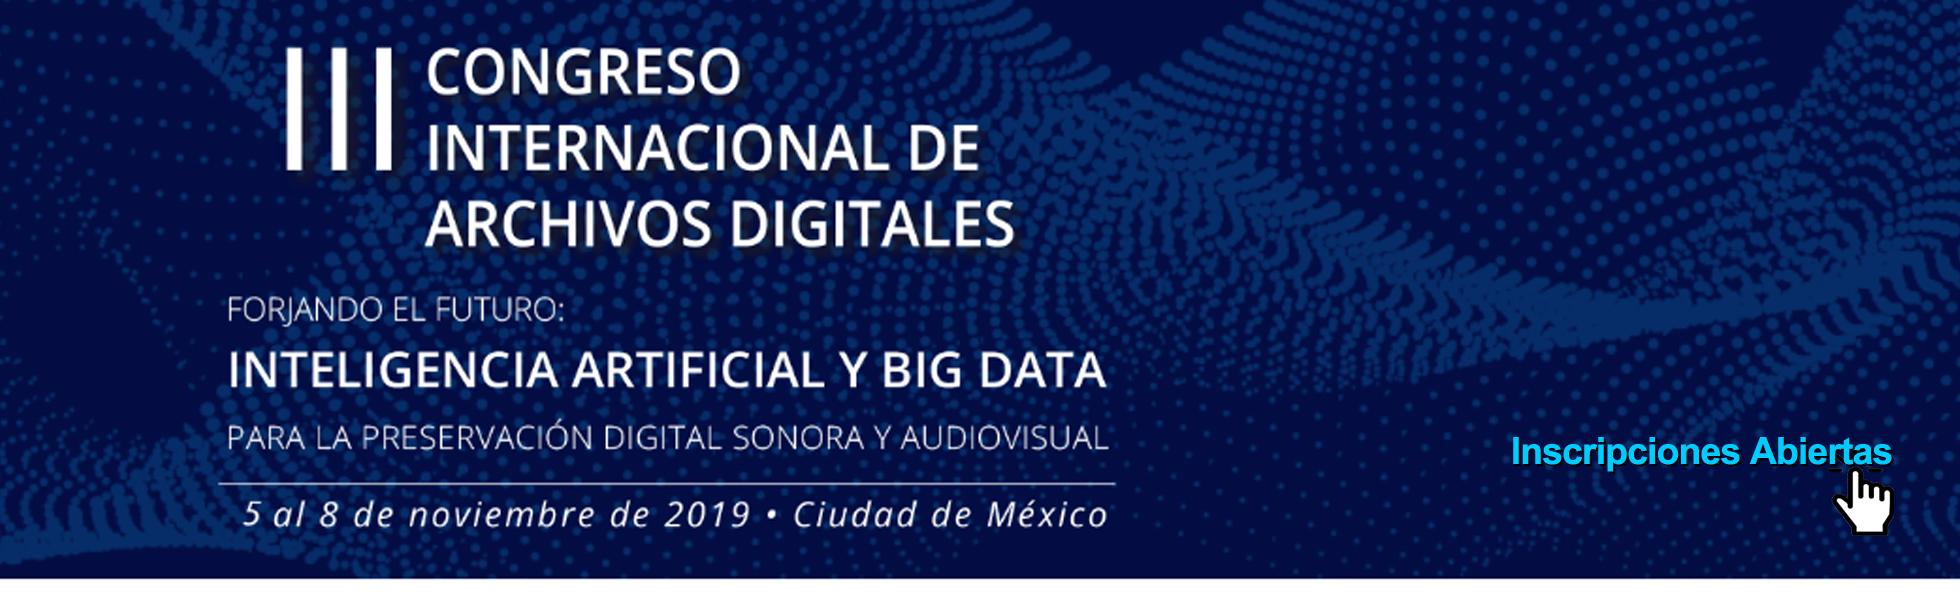 III Congreso Internacional de Archivos Digitales